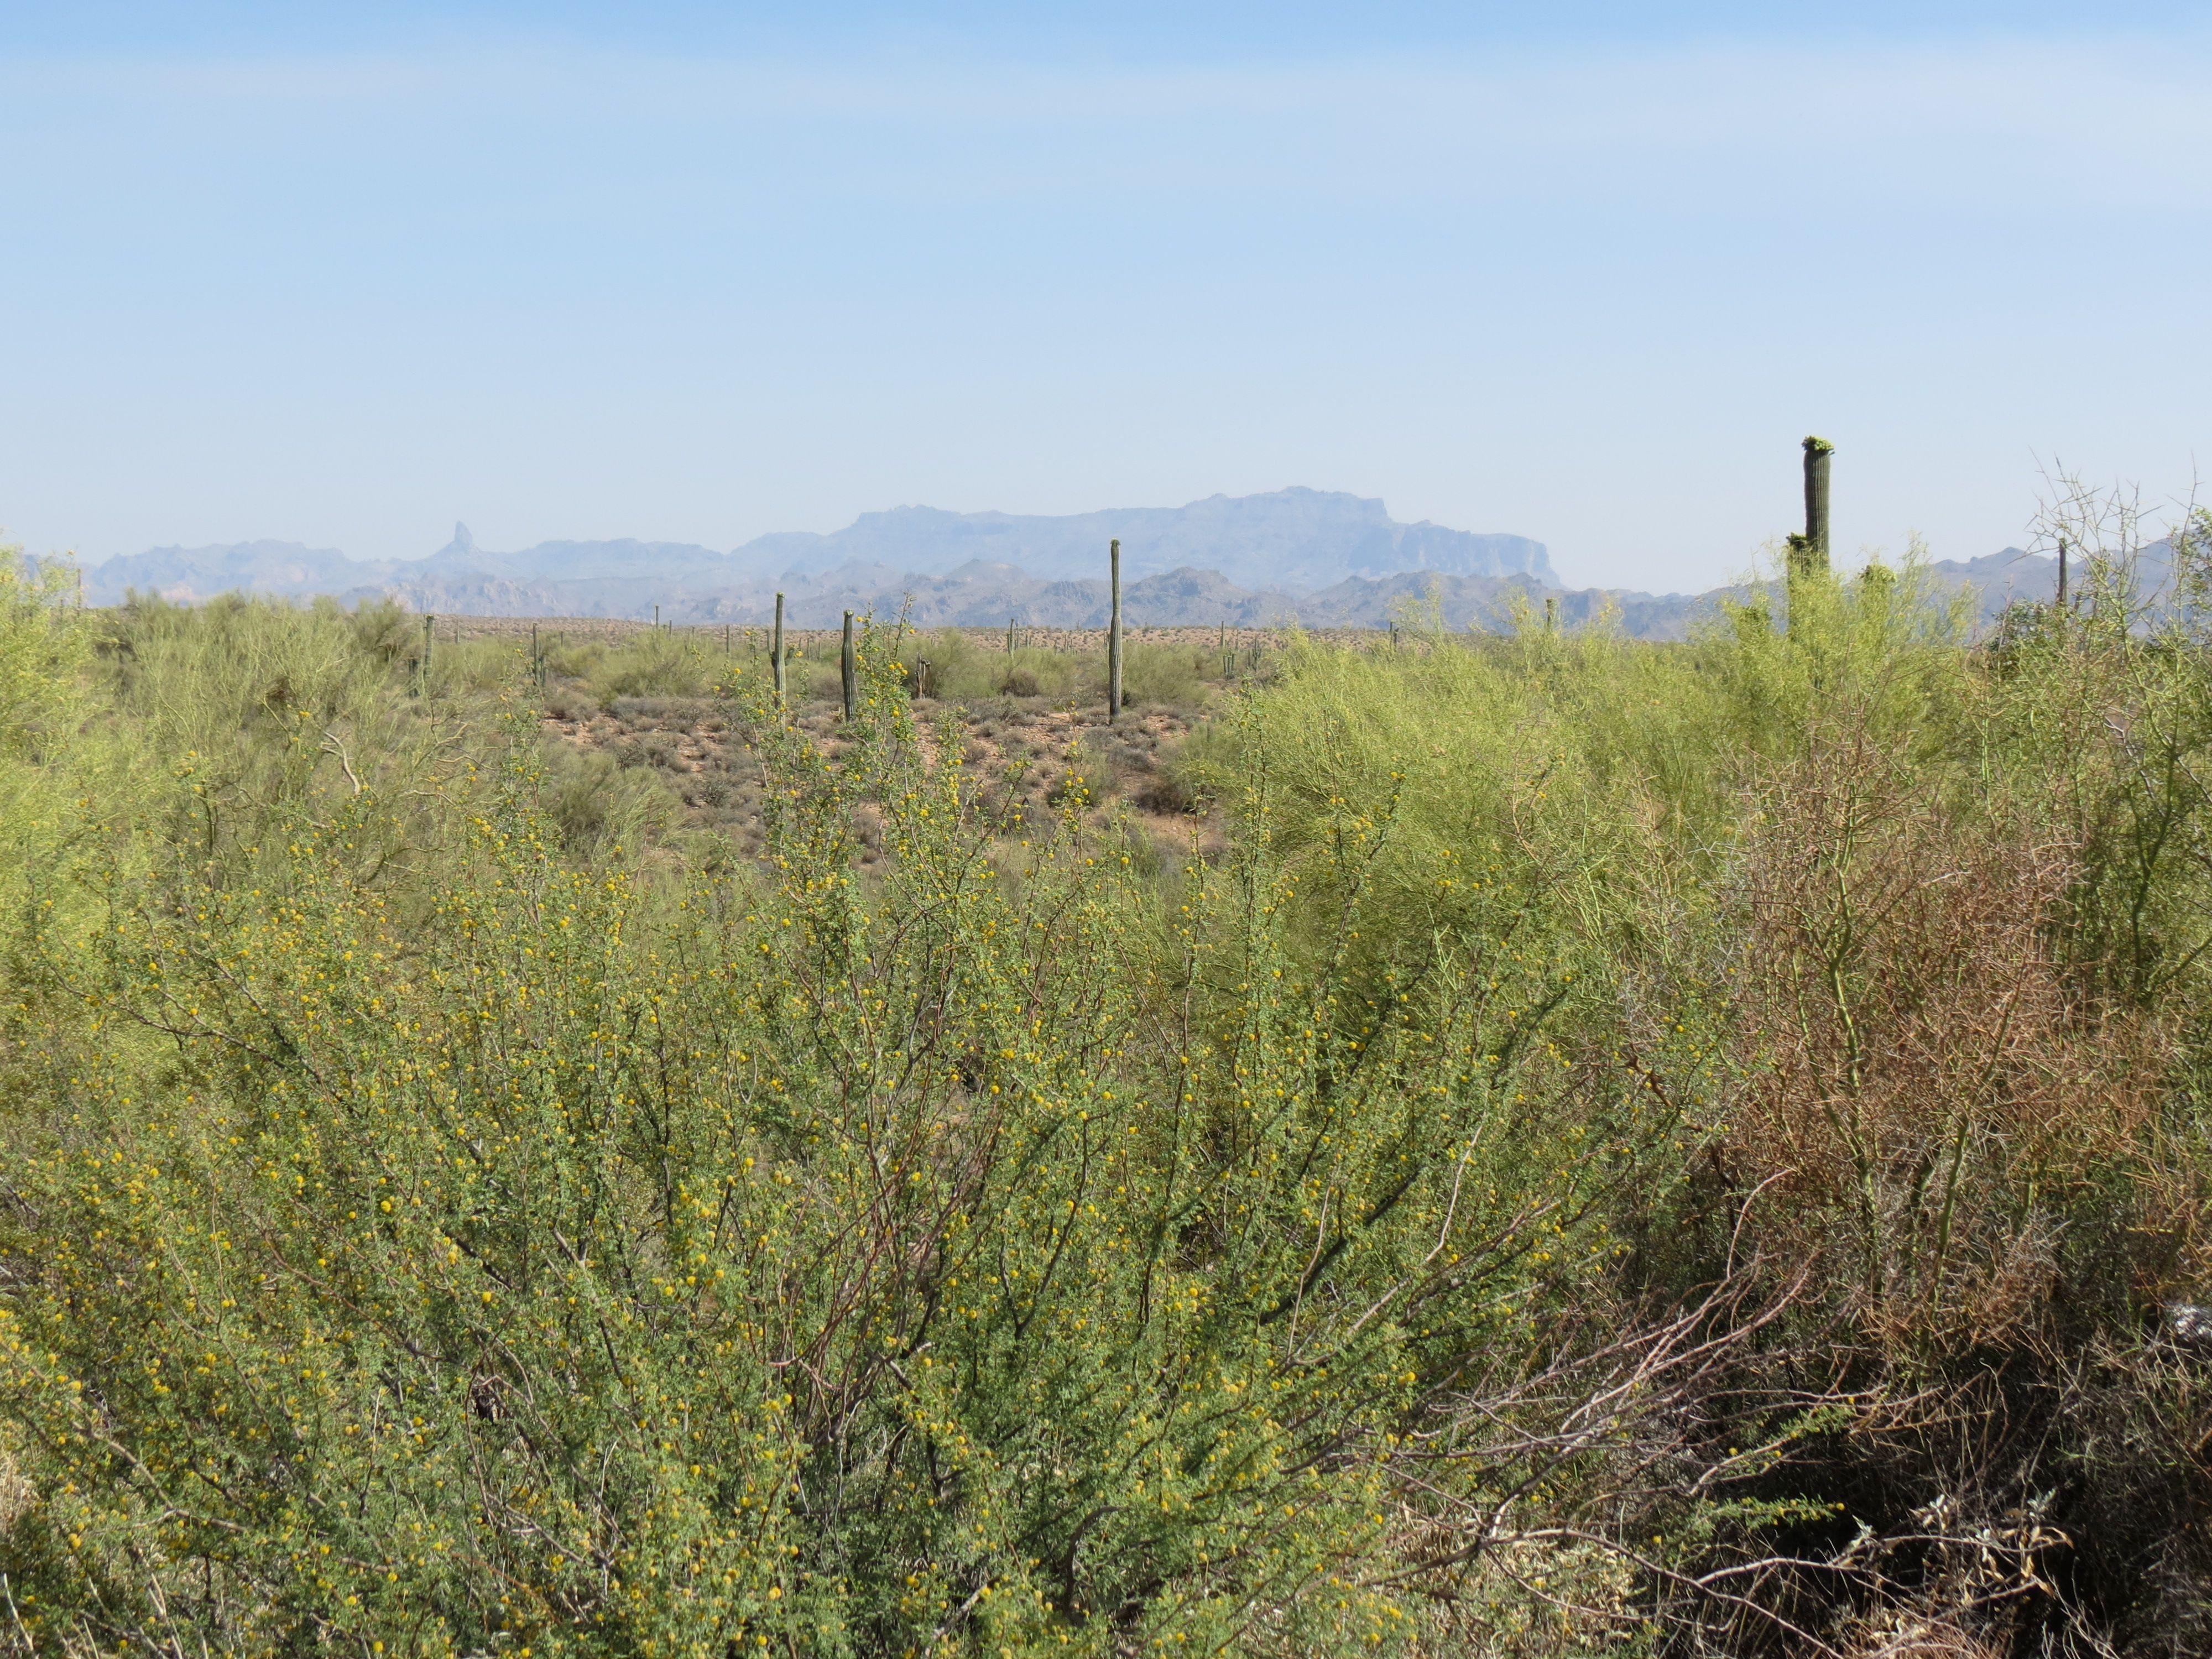 Scenery near Gila County AZ